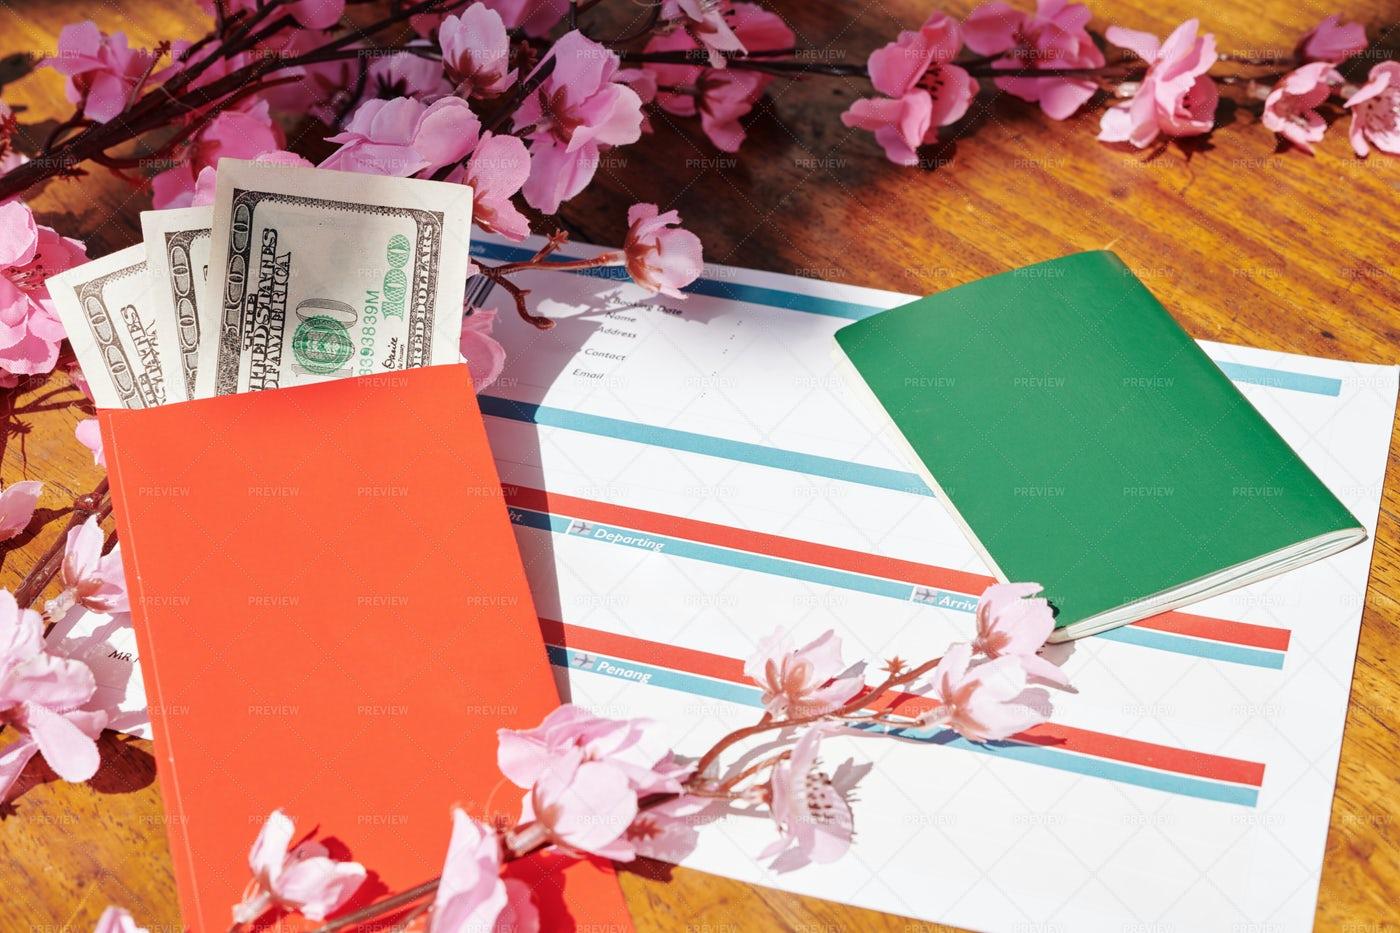 Plane Tickets And Lucky Money Envelopes: Stock Photos